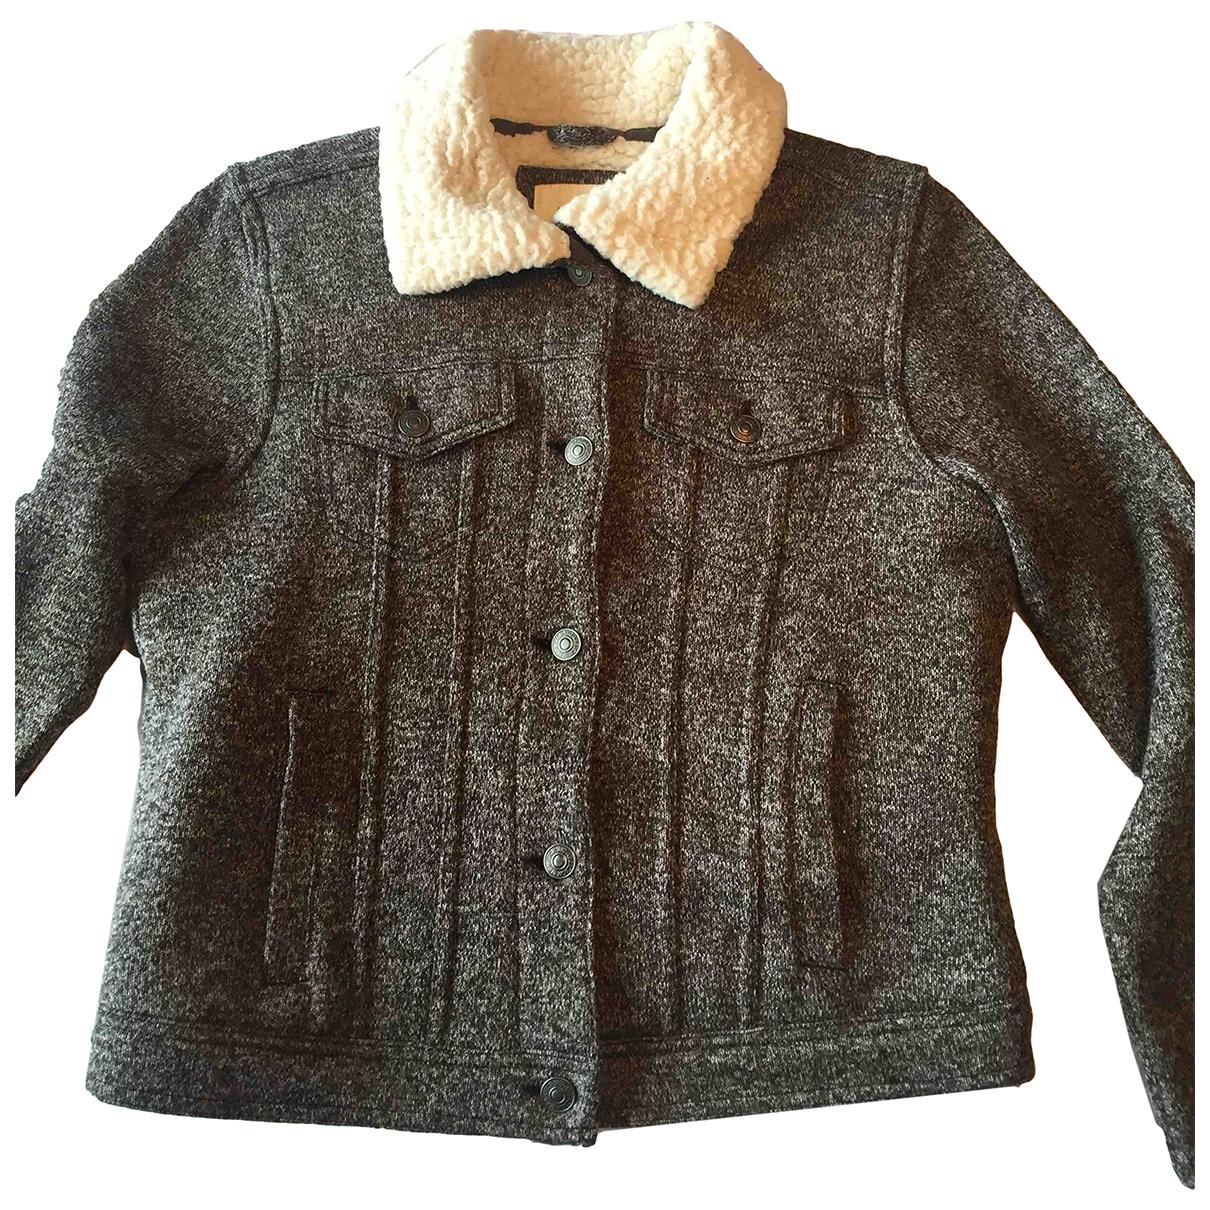 Abercrombie & Fitch \N Jacke in  Grau Baumwolle